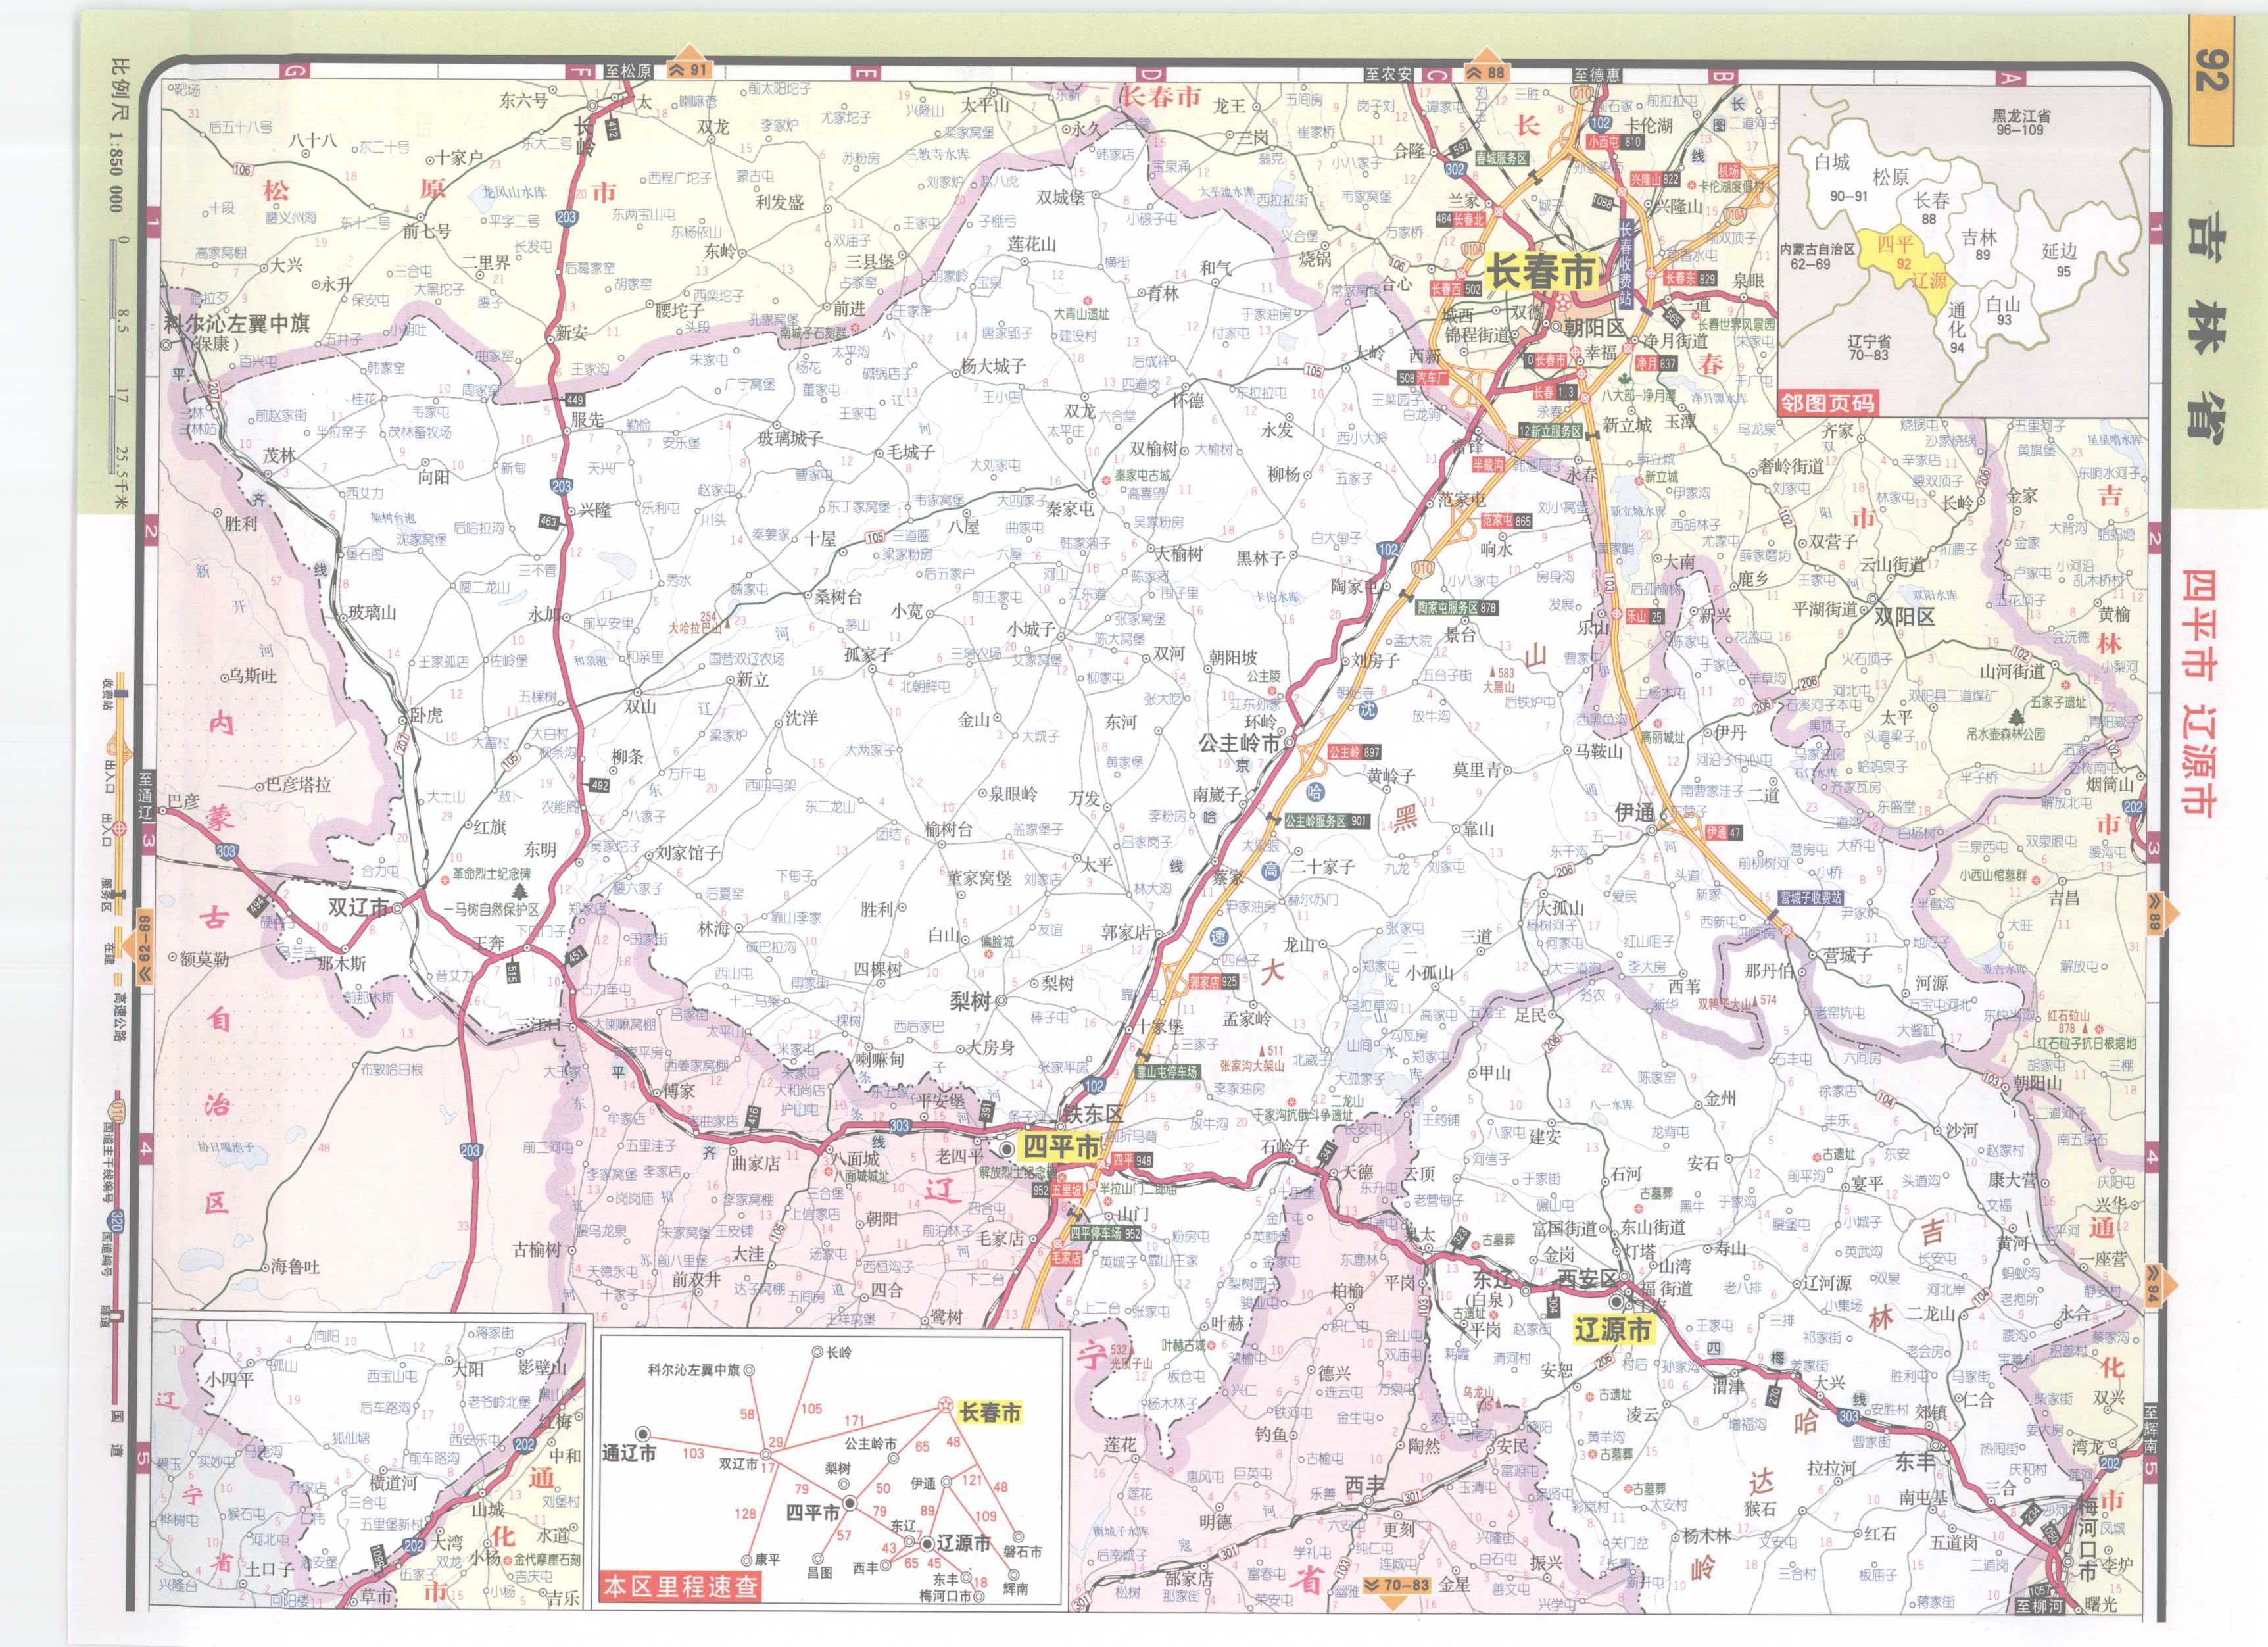 吉林省四平市辽源市高速公路网地图